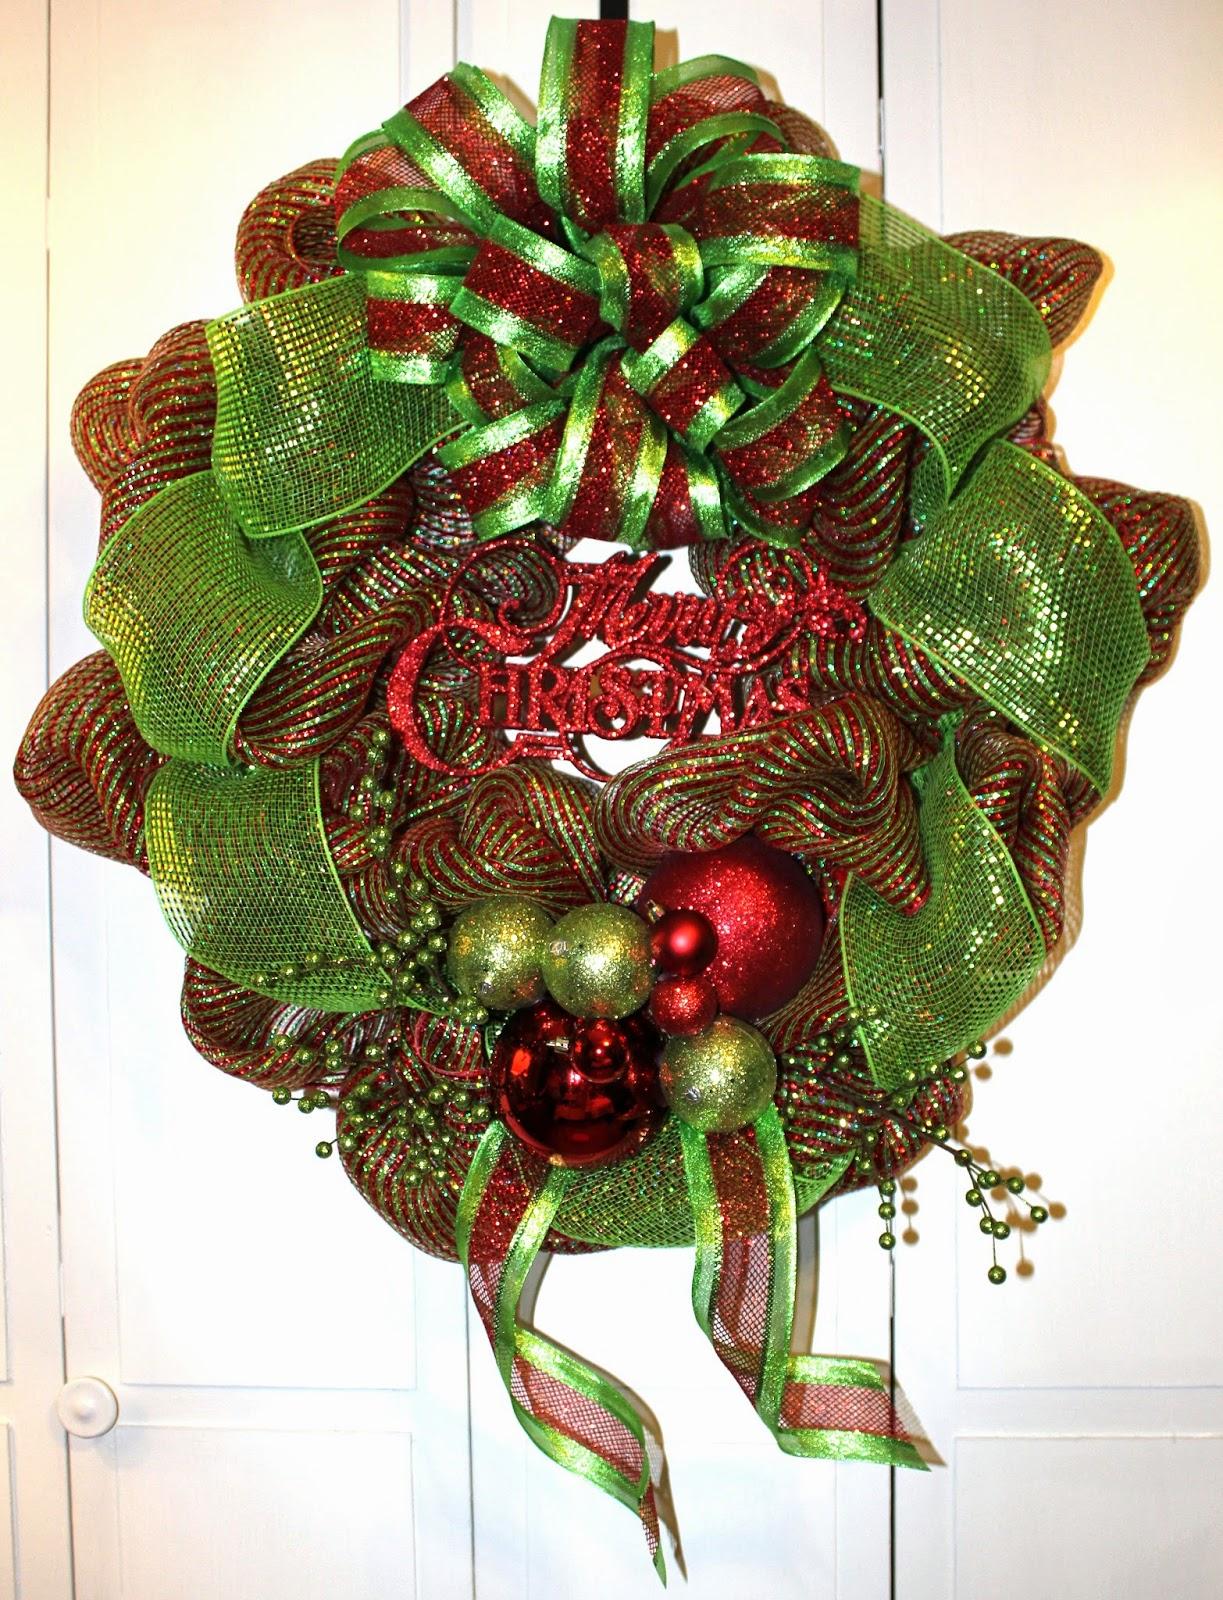 Tangled Wreaths™: Christmas Holiday Décor Wreath - Deco ...